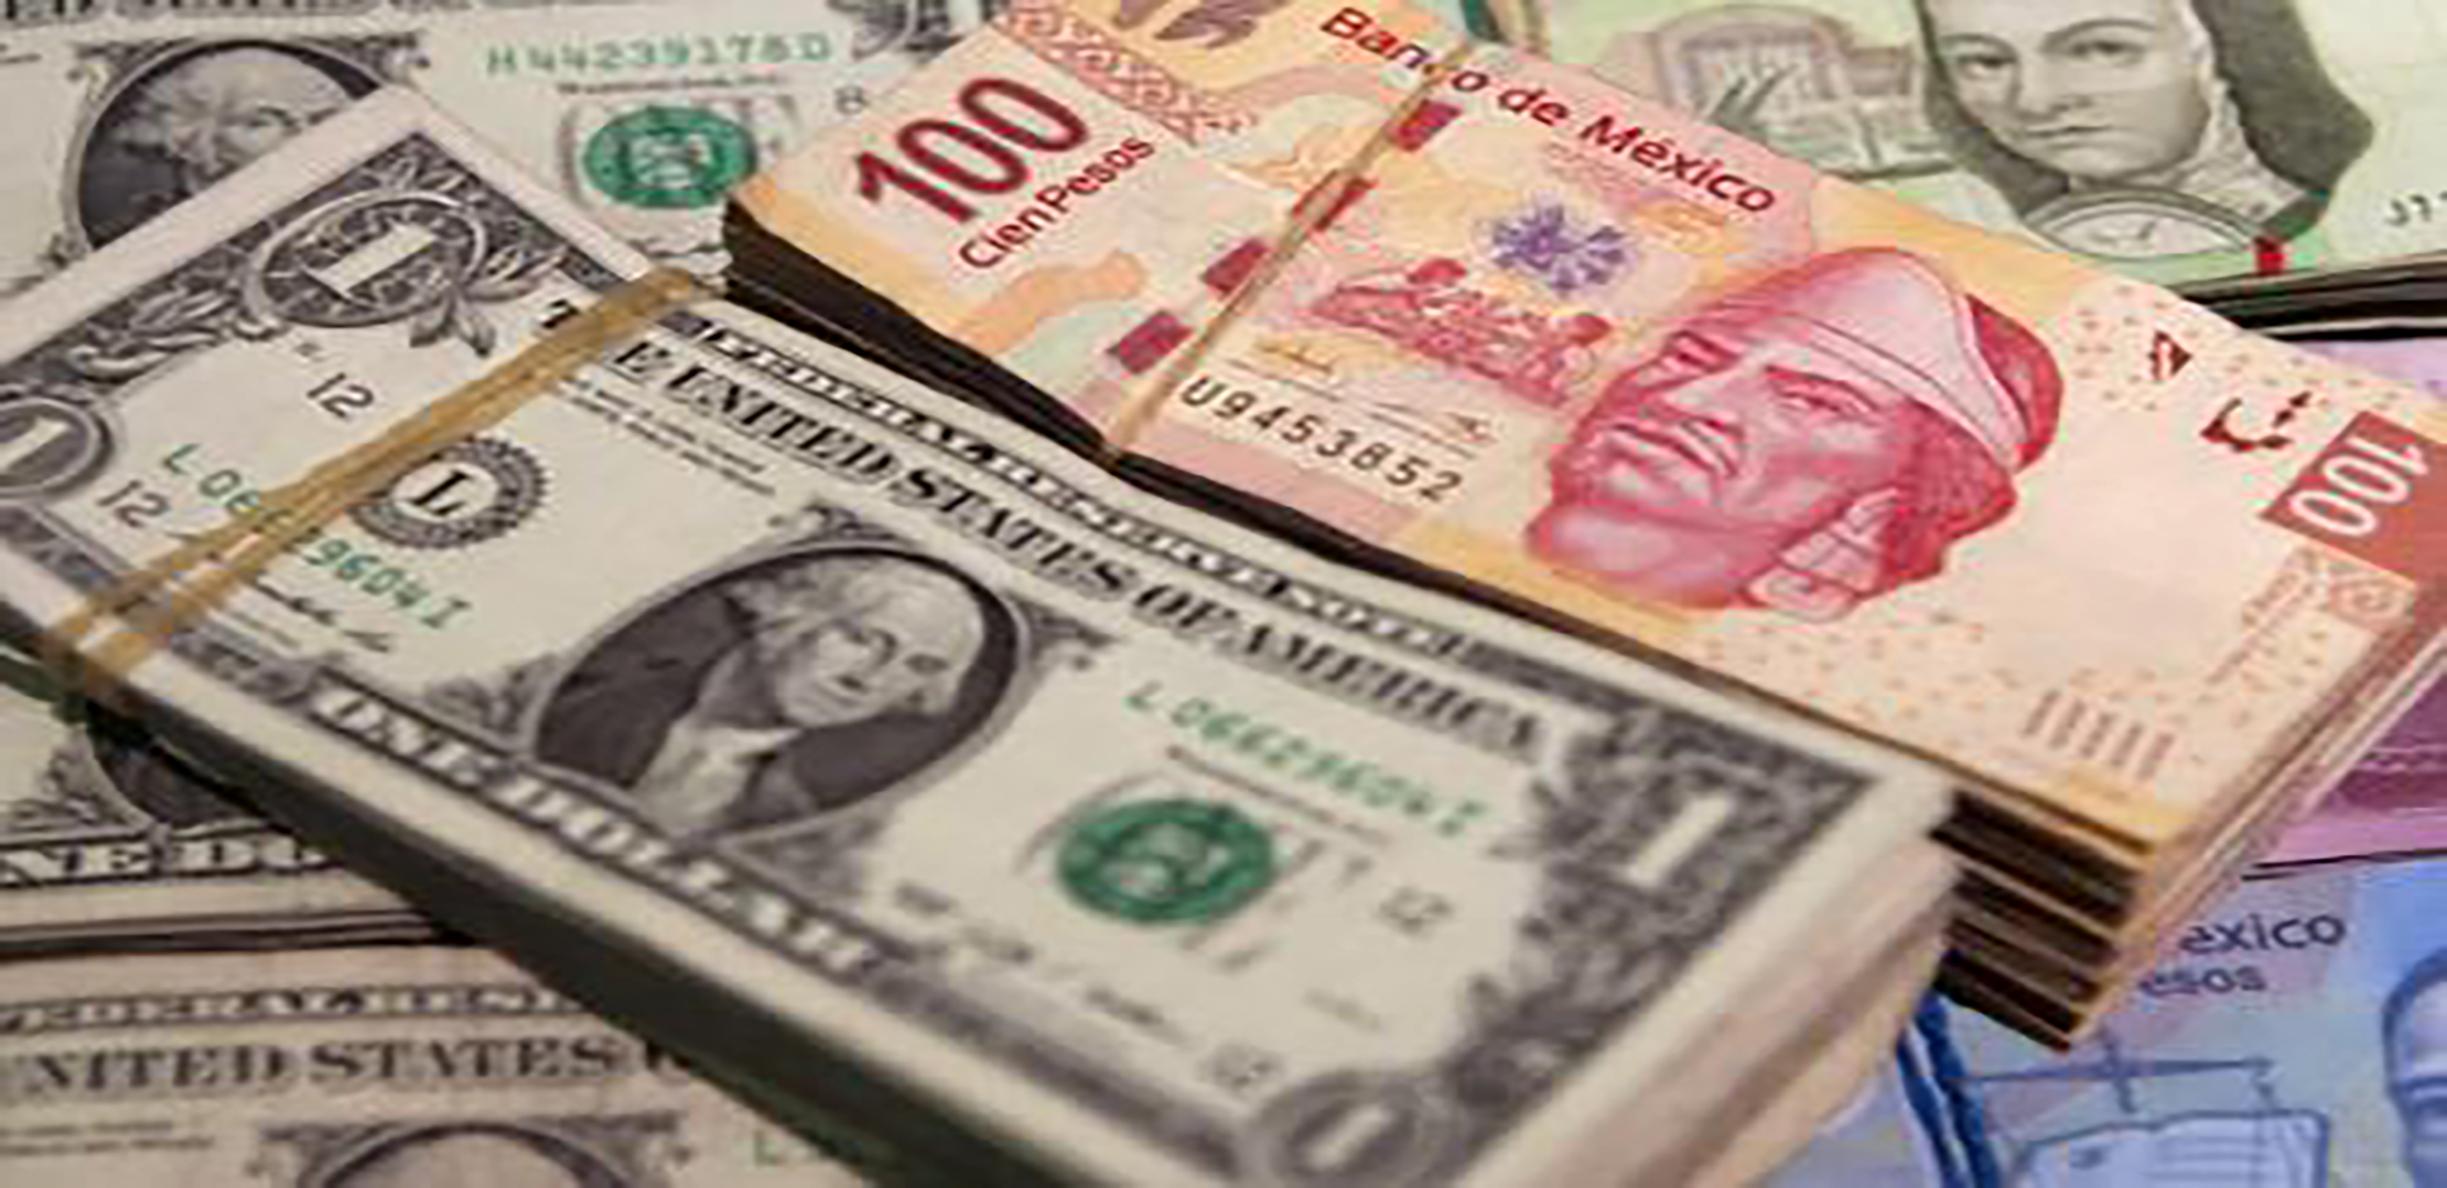 El peso inicia la sesión con una apreciación de 0.41% o 7.7 centavos, cotizando alrededor de 18.94 pesos por dólar